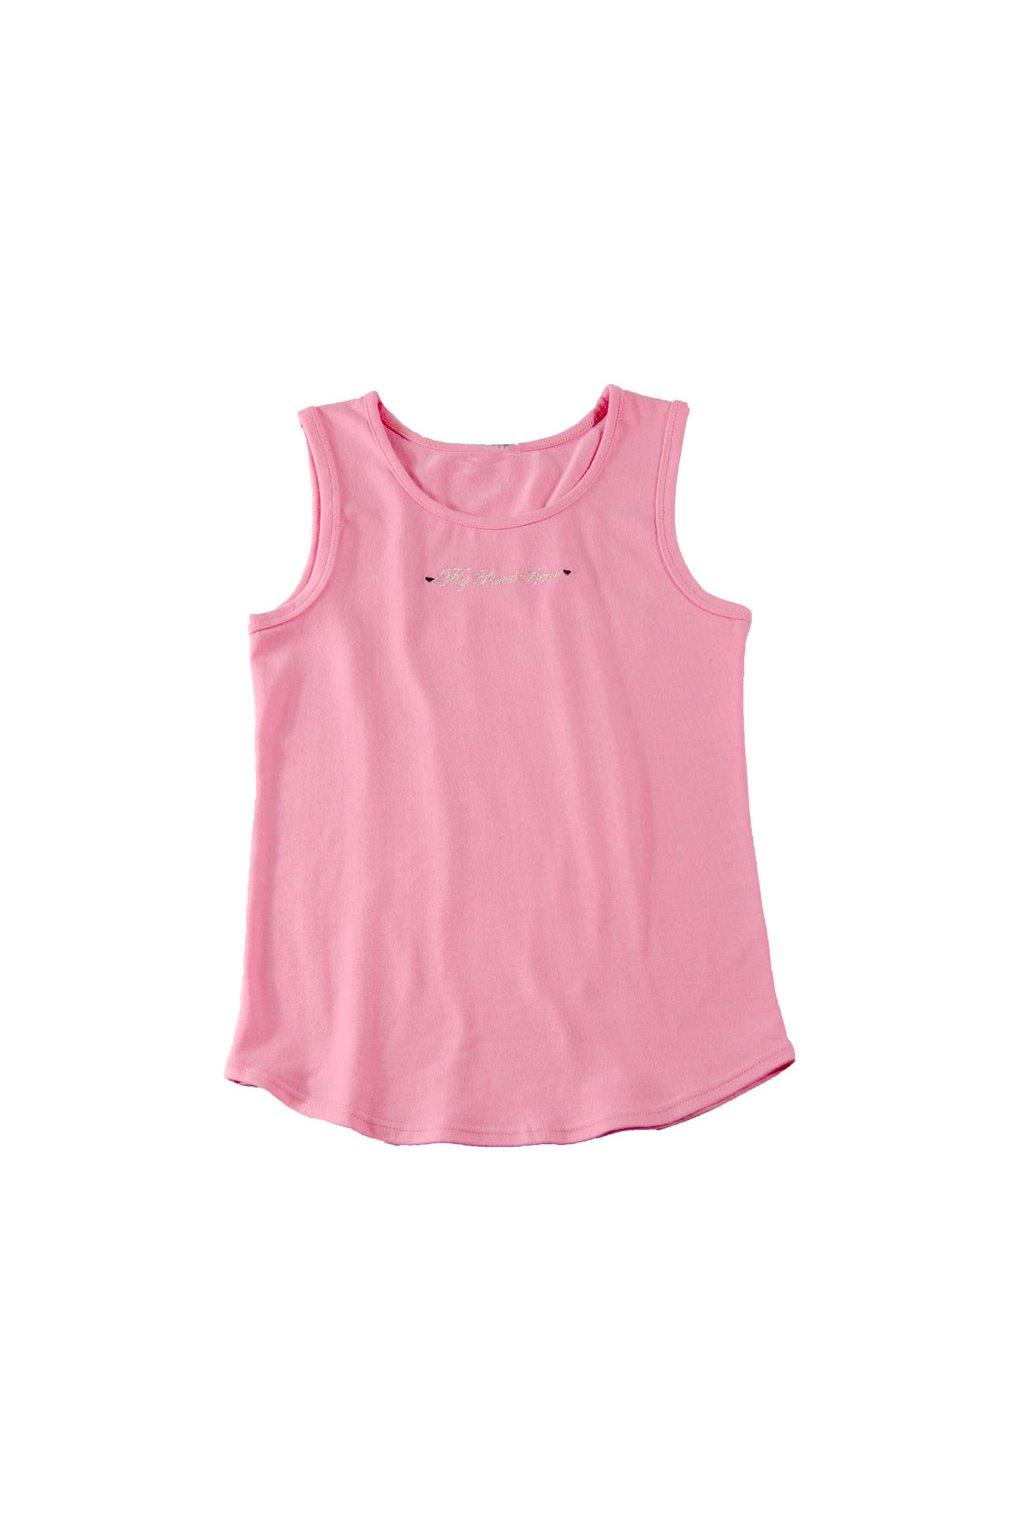 Dívčí košilka se širokými ramínky, 40233 149, růžová